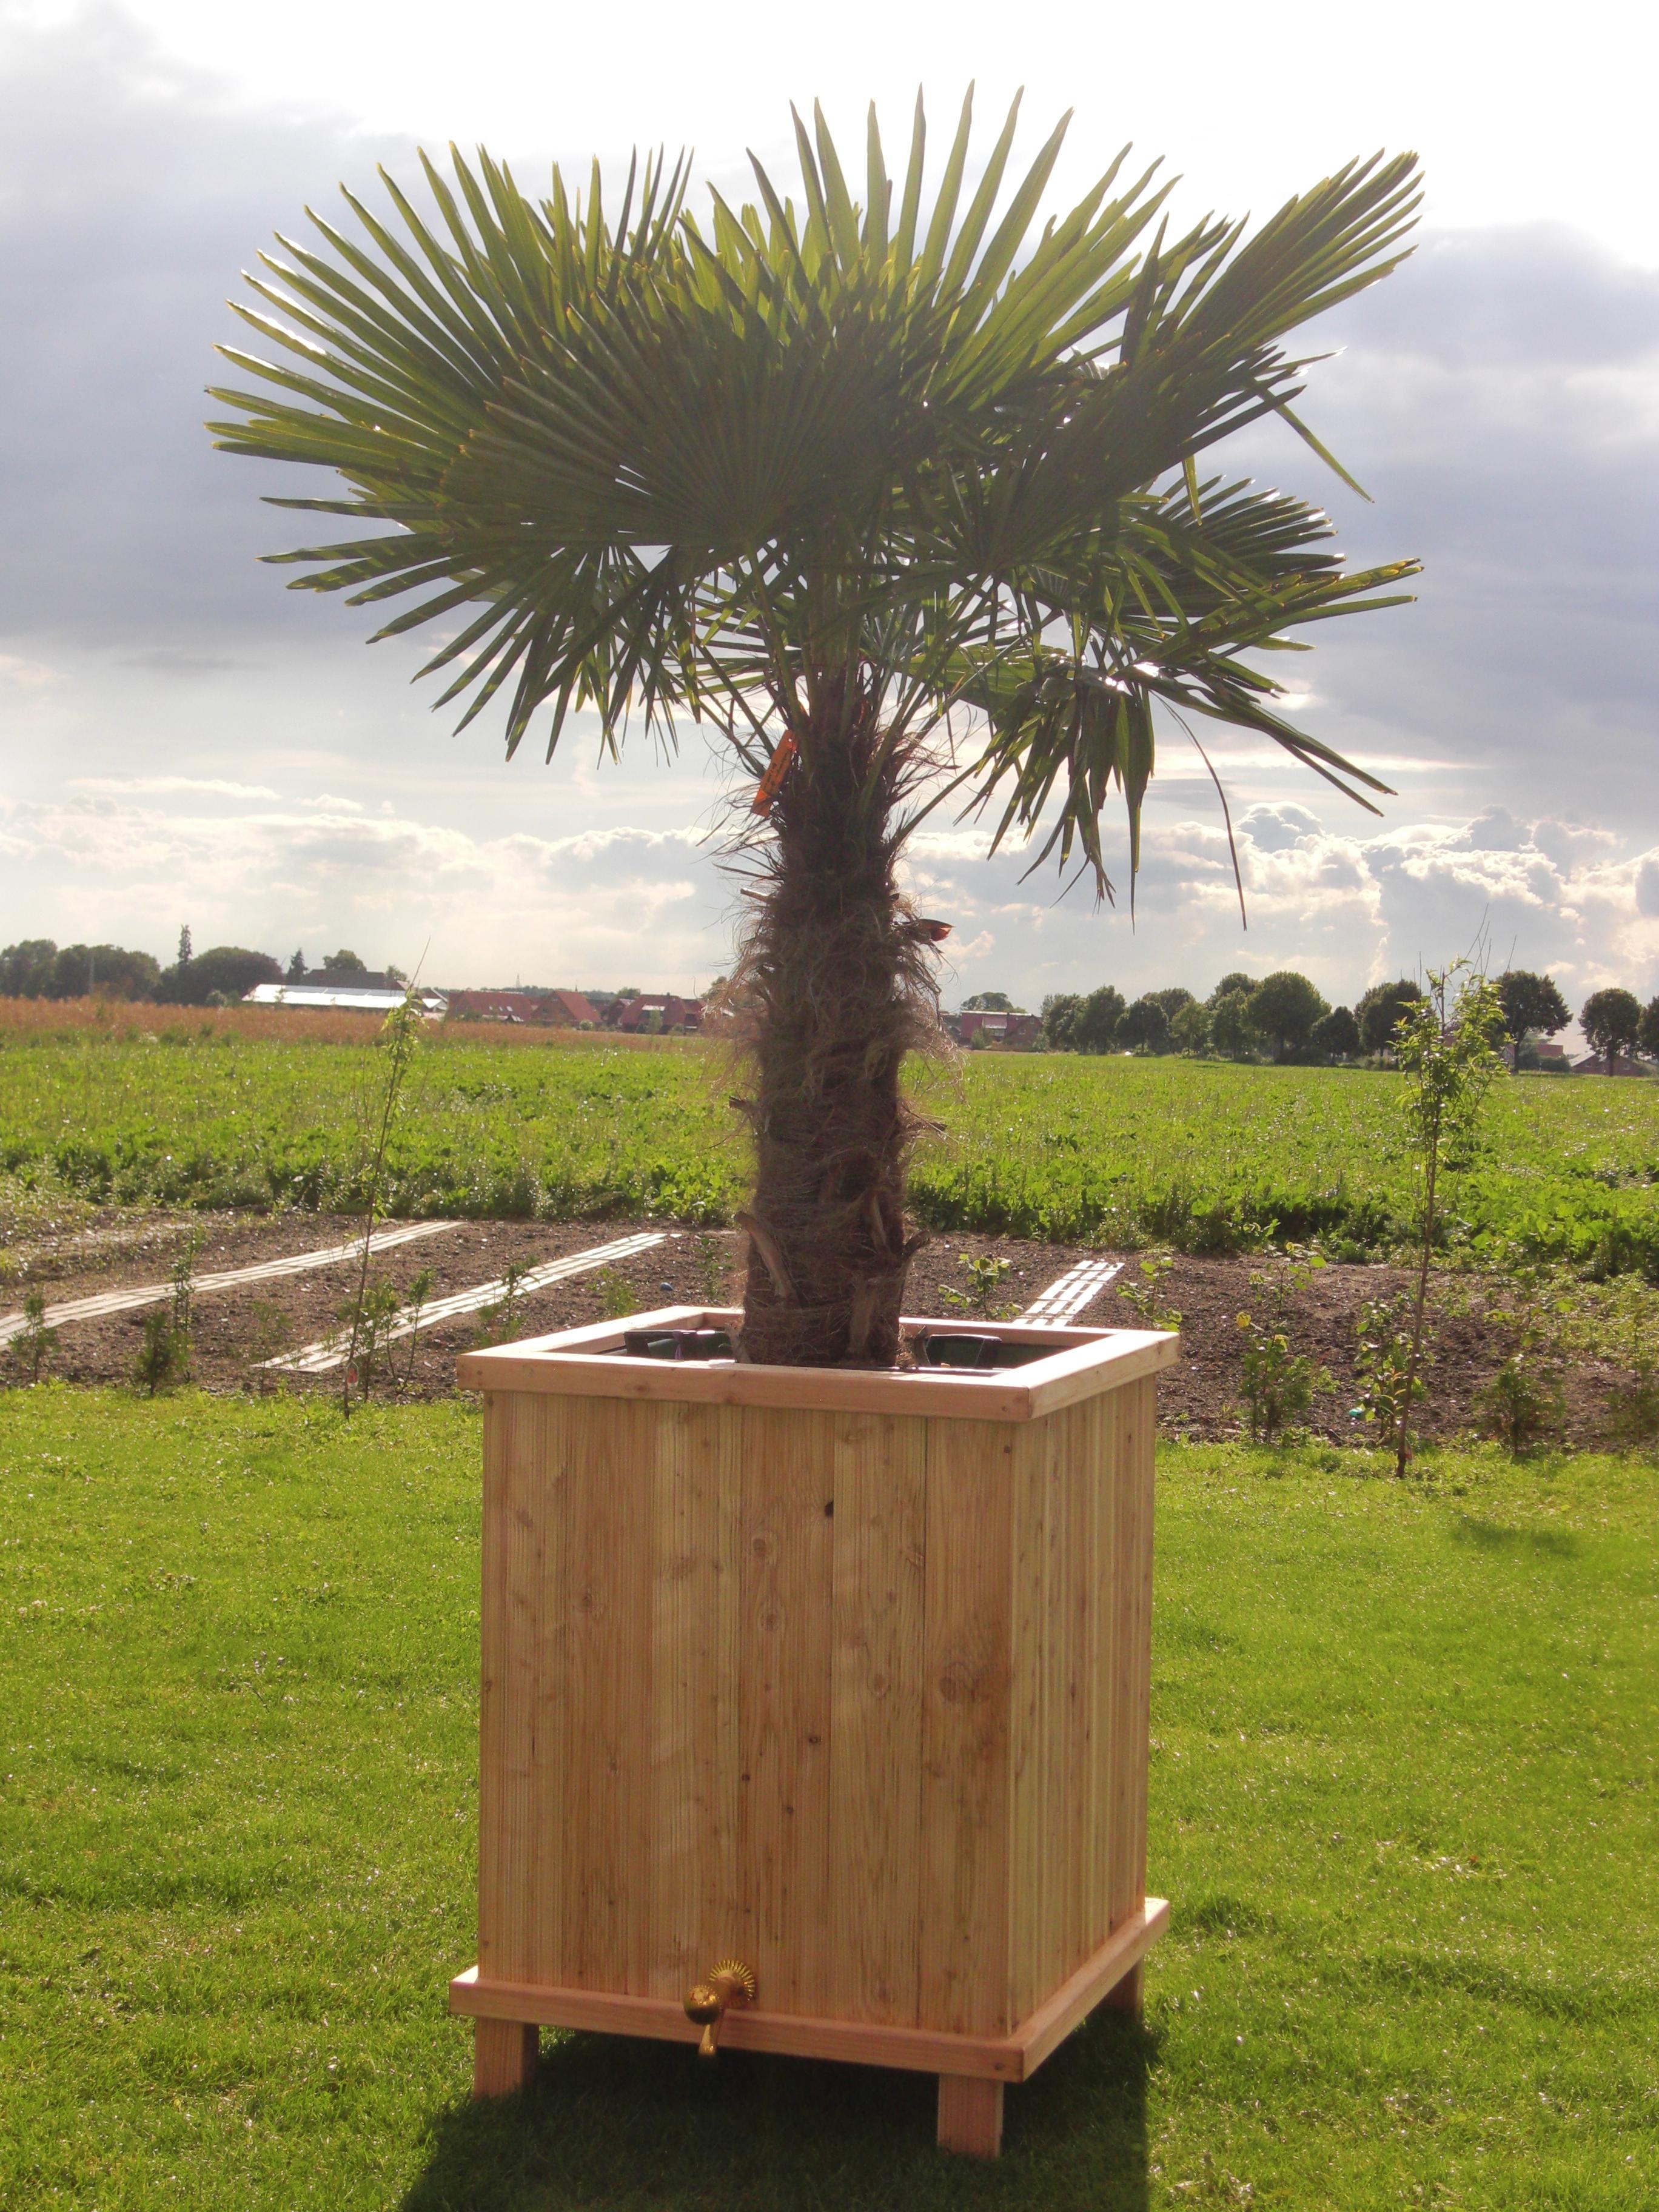 Große Pflanzkübel Für Palmen.Beheizte Pflanzkübel Für Pflanzen Heizung Für Pflanzkübel